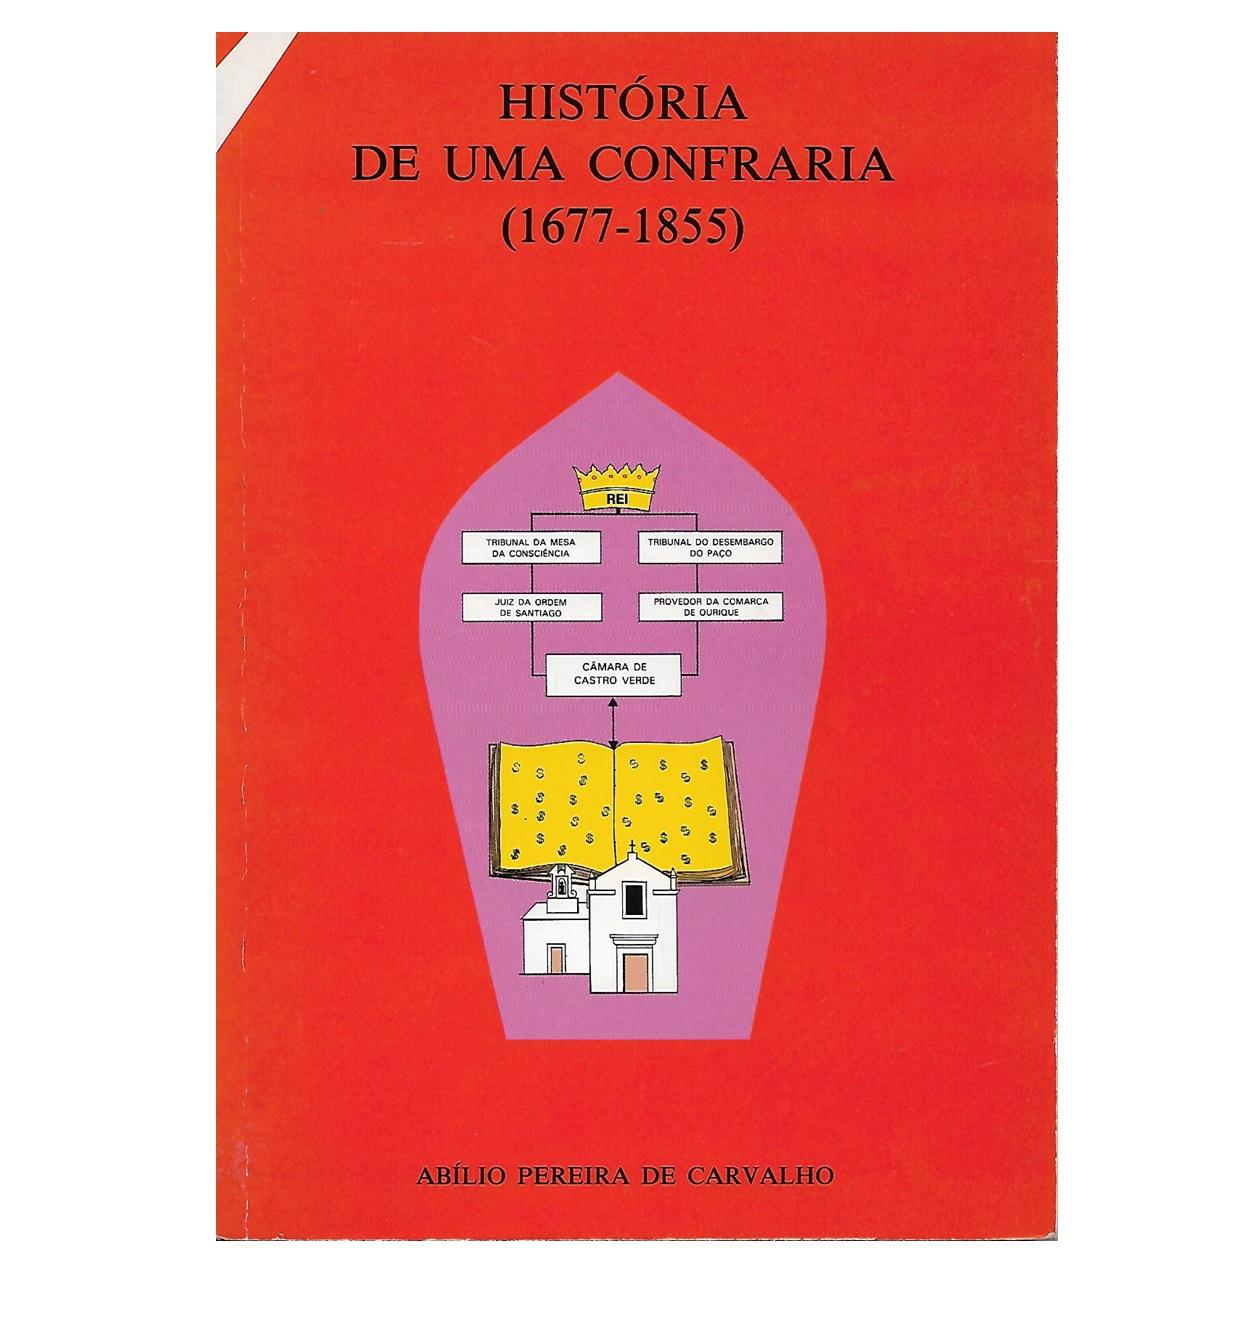 História de uma Confraria (1677-1855).